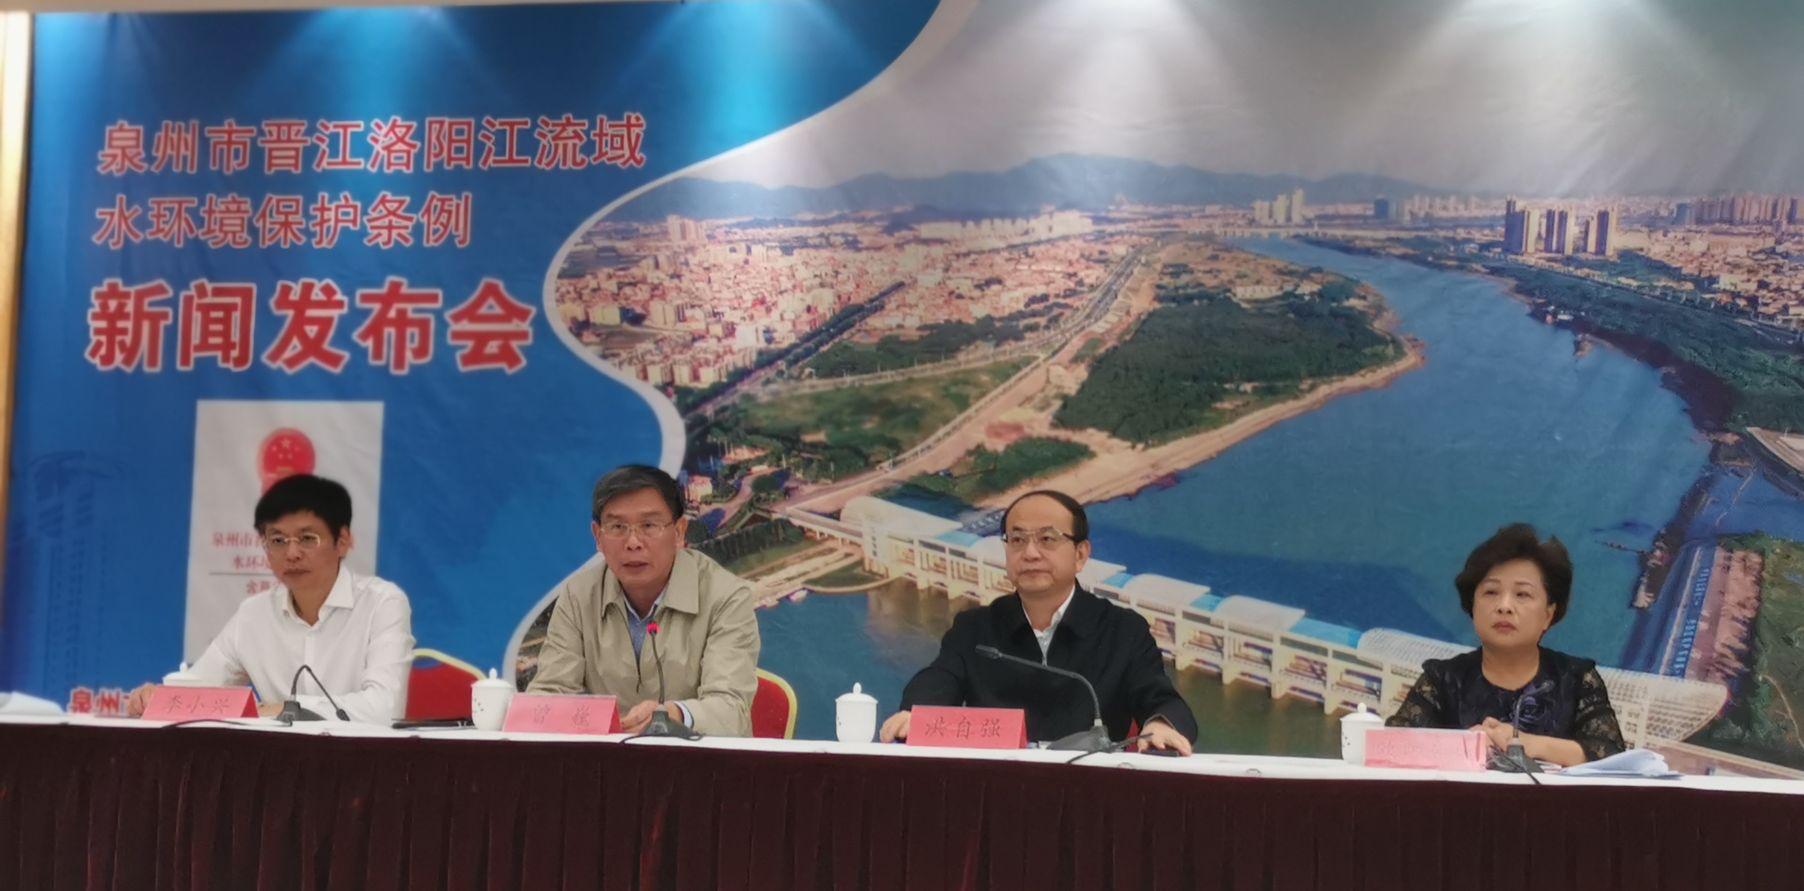 福建泉州召开《两江条例》新闻发布会